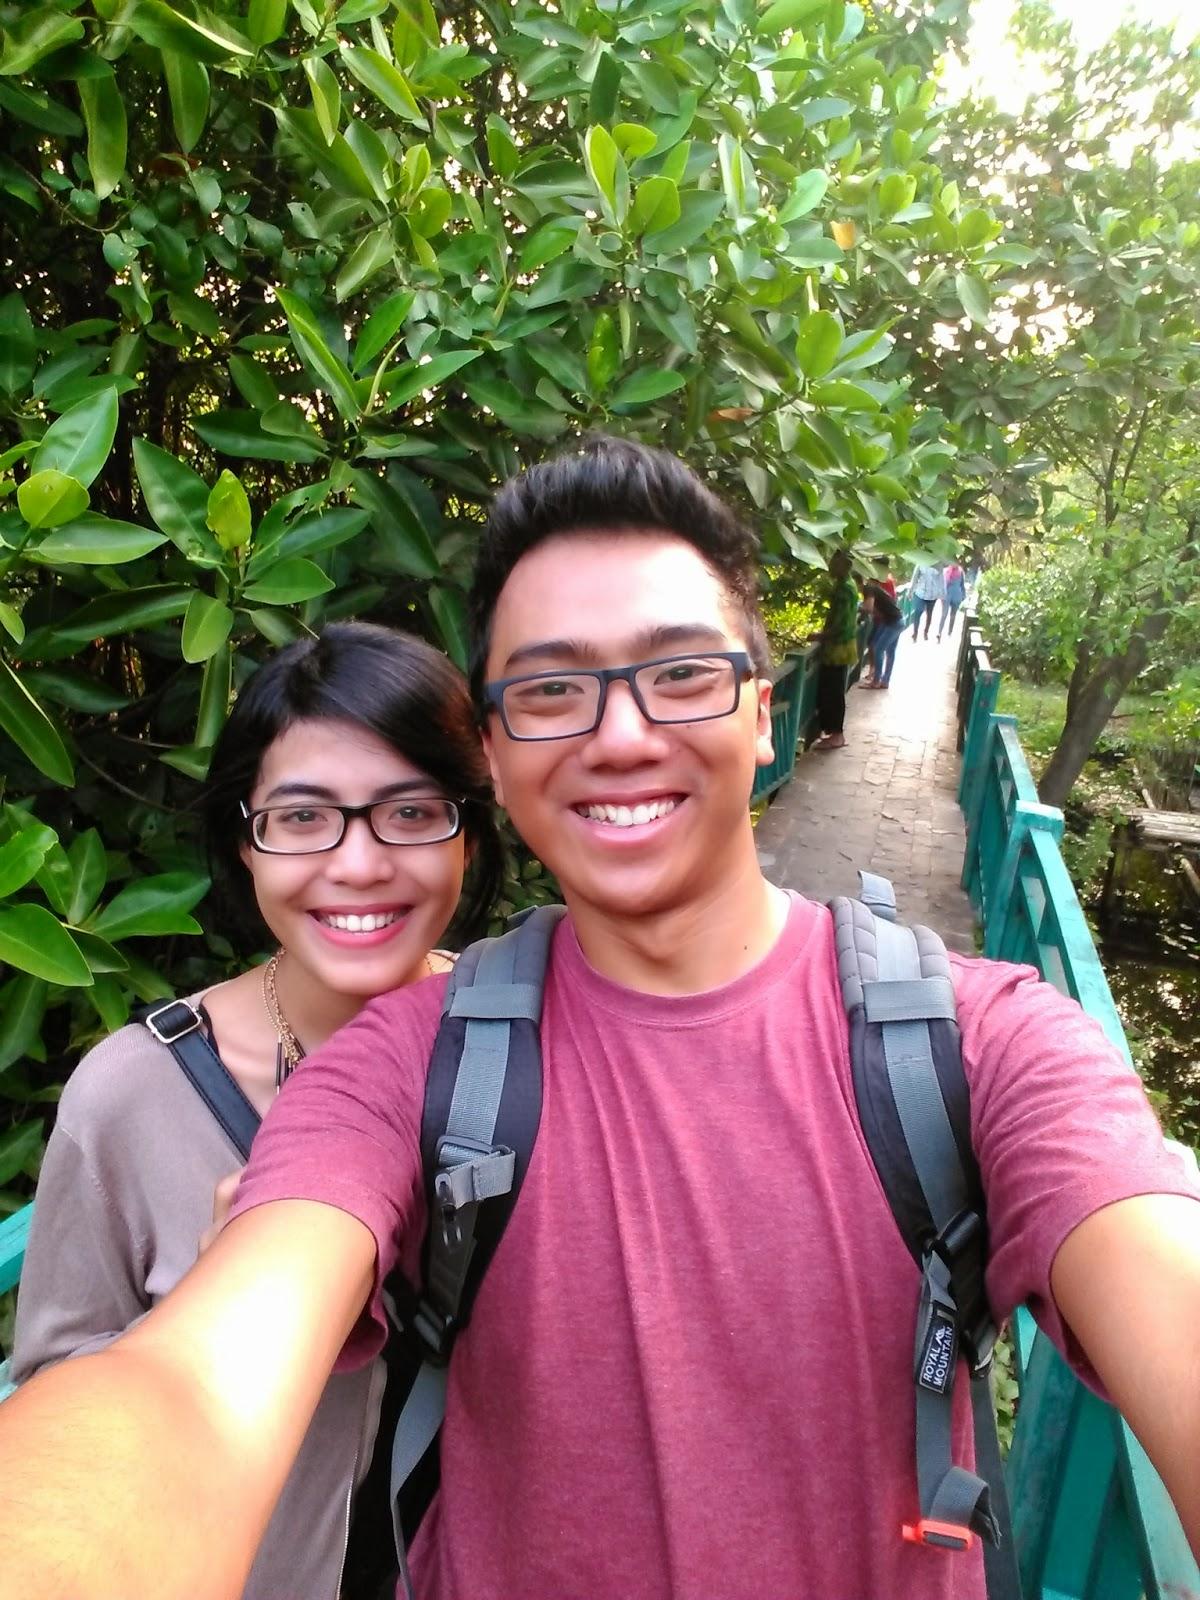 Hutan Mangrove PIK di Padatnya Ibu Kota Jakarta | Irham Faridh | Travel Blogger Indonesia